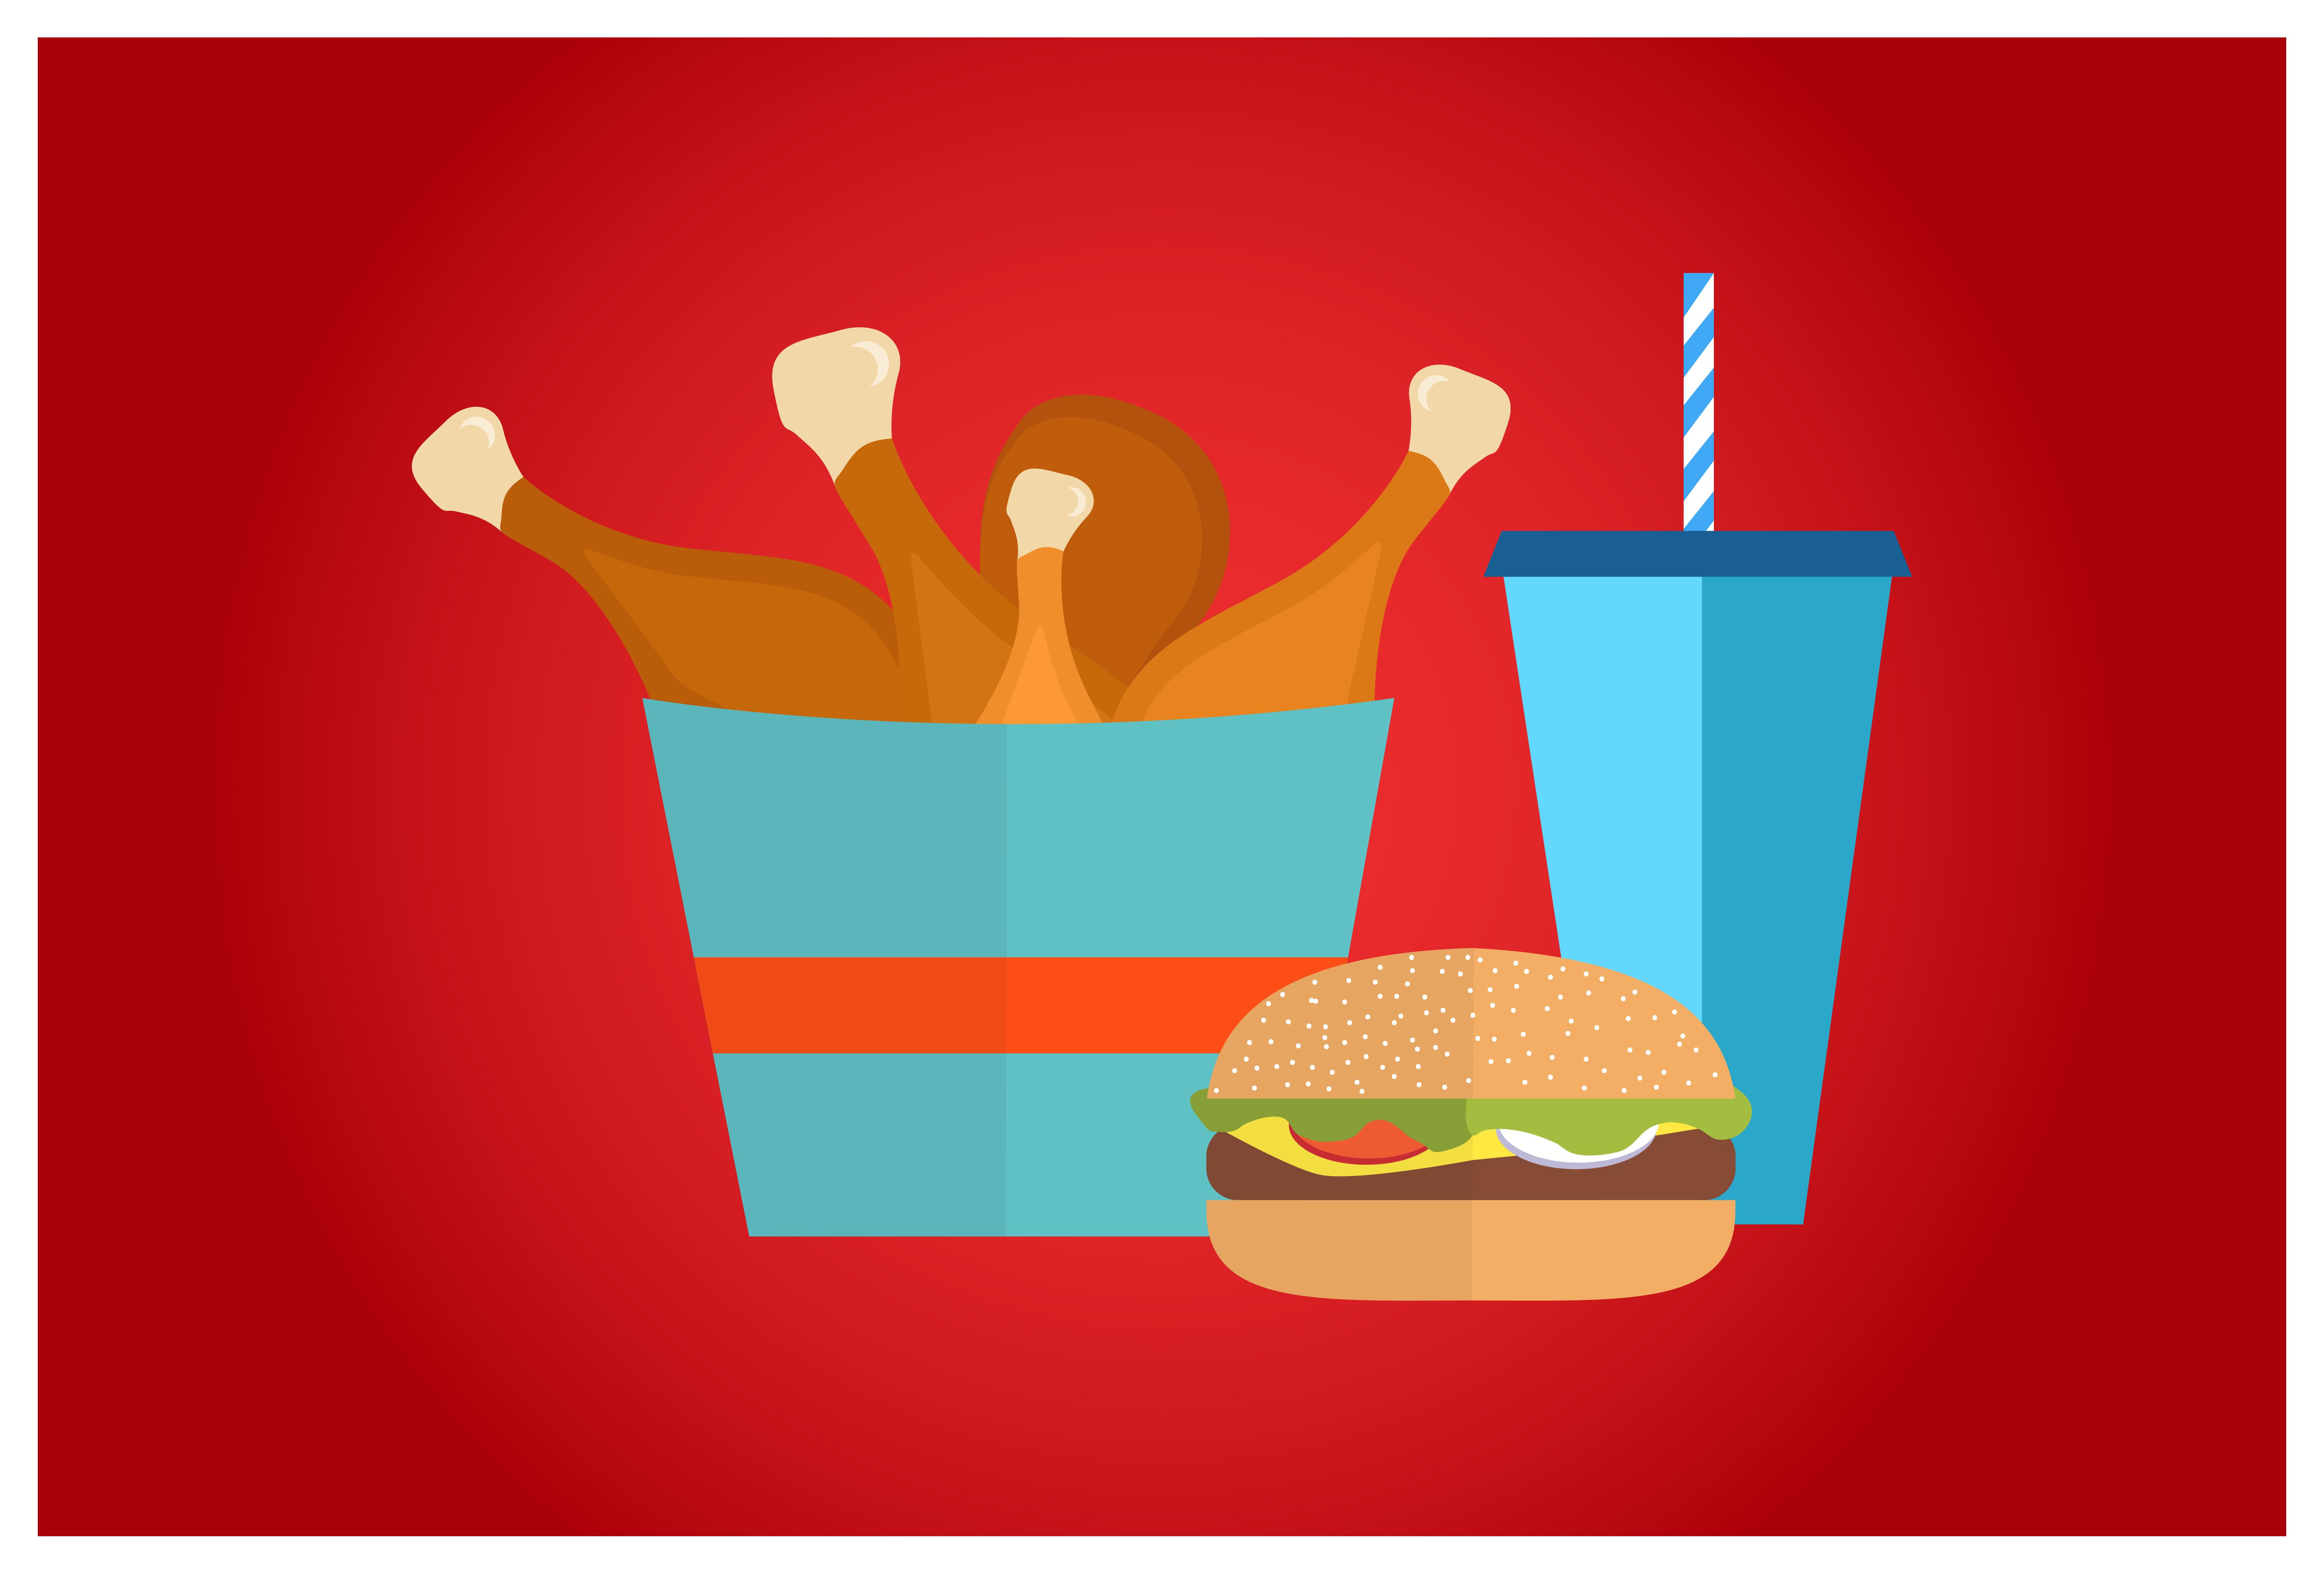 Cheat Tag - Fast Food